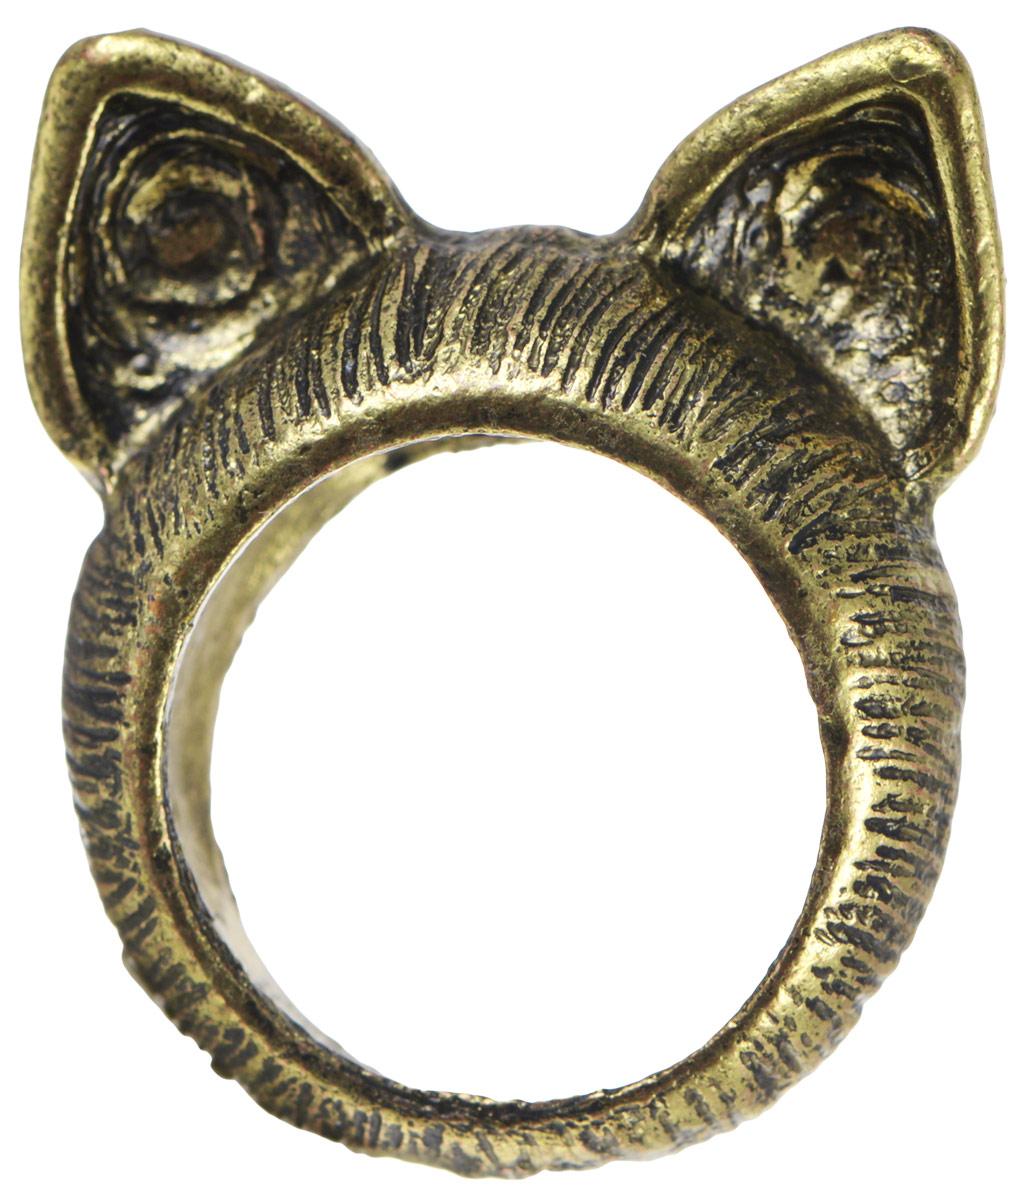 Кольцо YusliQ Кошачьи ушки. Ручная авторская работа. 26-002Коктейльное кольцоСтильное кольцо YusliQ Кошачьи ушки выполнено из металла и декорировано ушками, напоминающие кошачьи. Такое кольцо это блестящее завершение вашего неповторимого и смелого образа и отличный подарок для ценительницы необычных украшений!